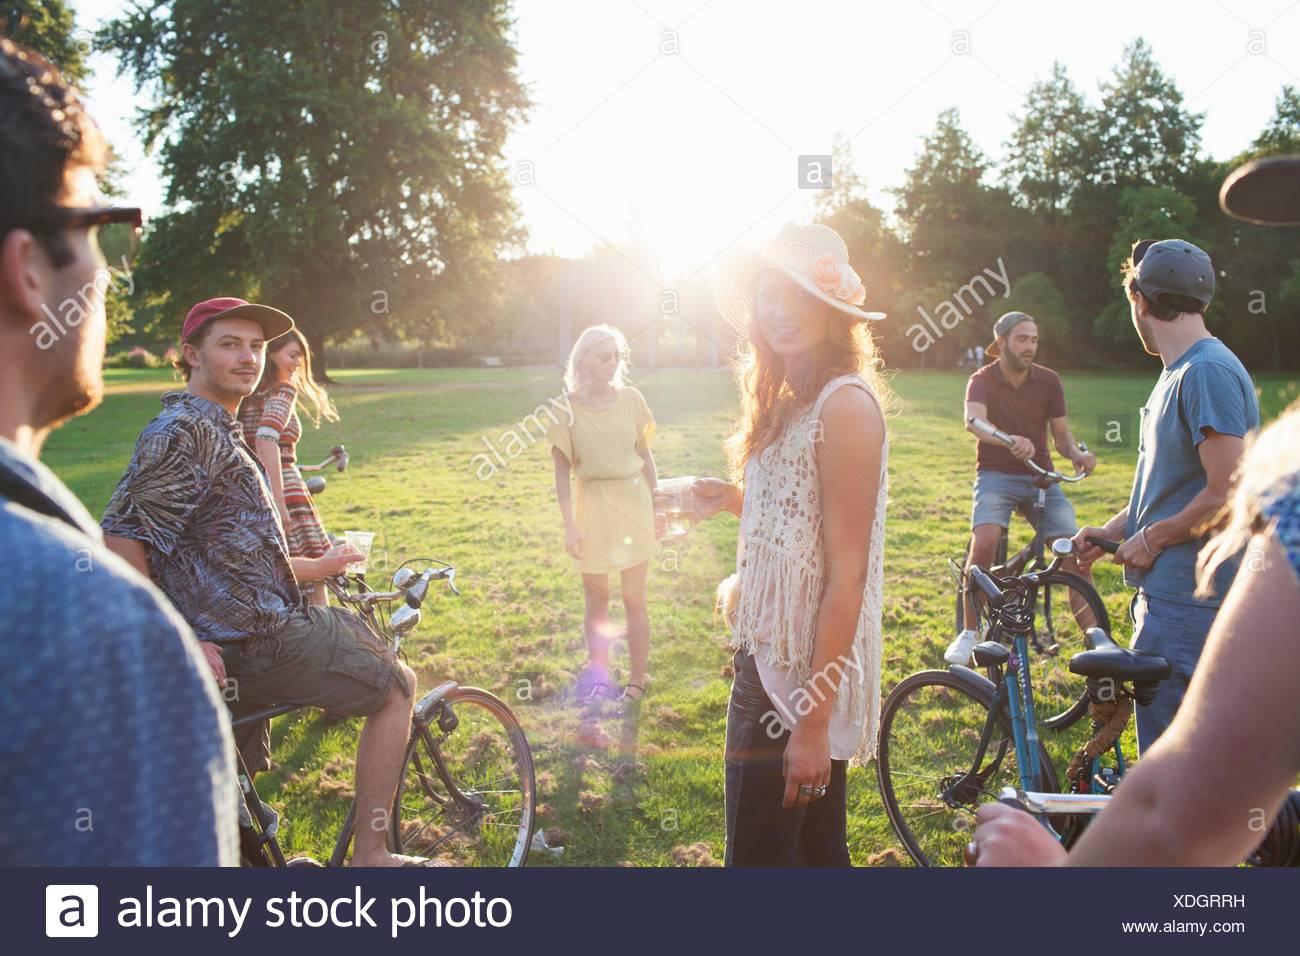 Grupo de fiesta adultos llegando en estacionamiento de bicicletas al atardecer Imagen De Stock